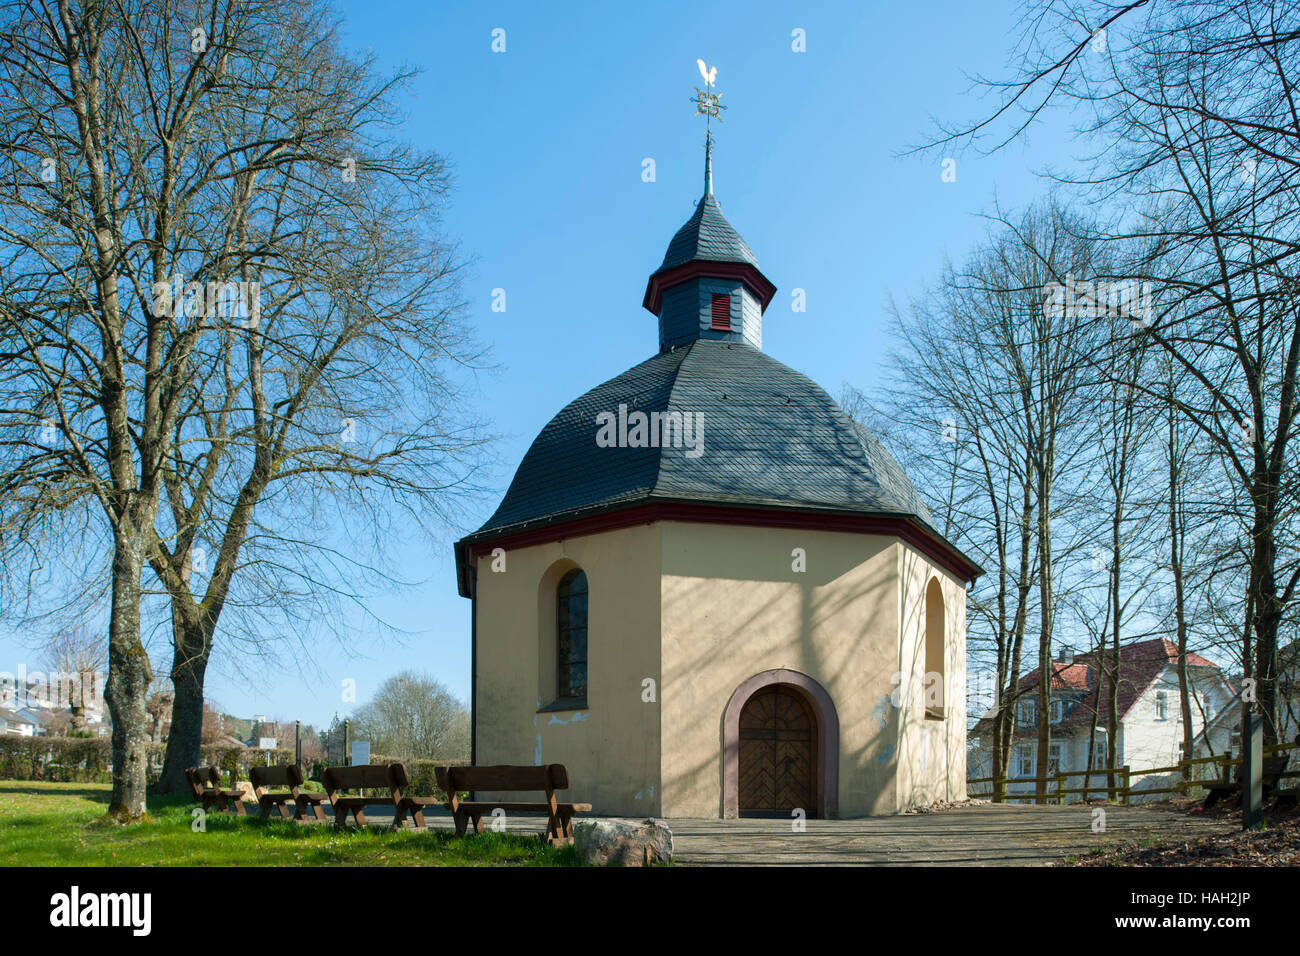 Deutschland, Nordrhein-Westfalen, Olpe, Westfälische Strasse, Rochuskapelle - Stock Image